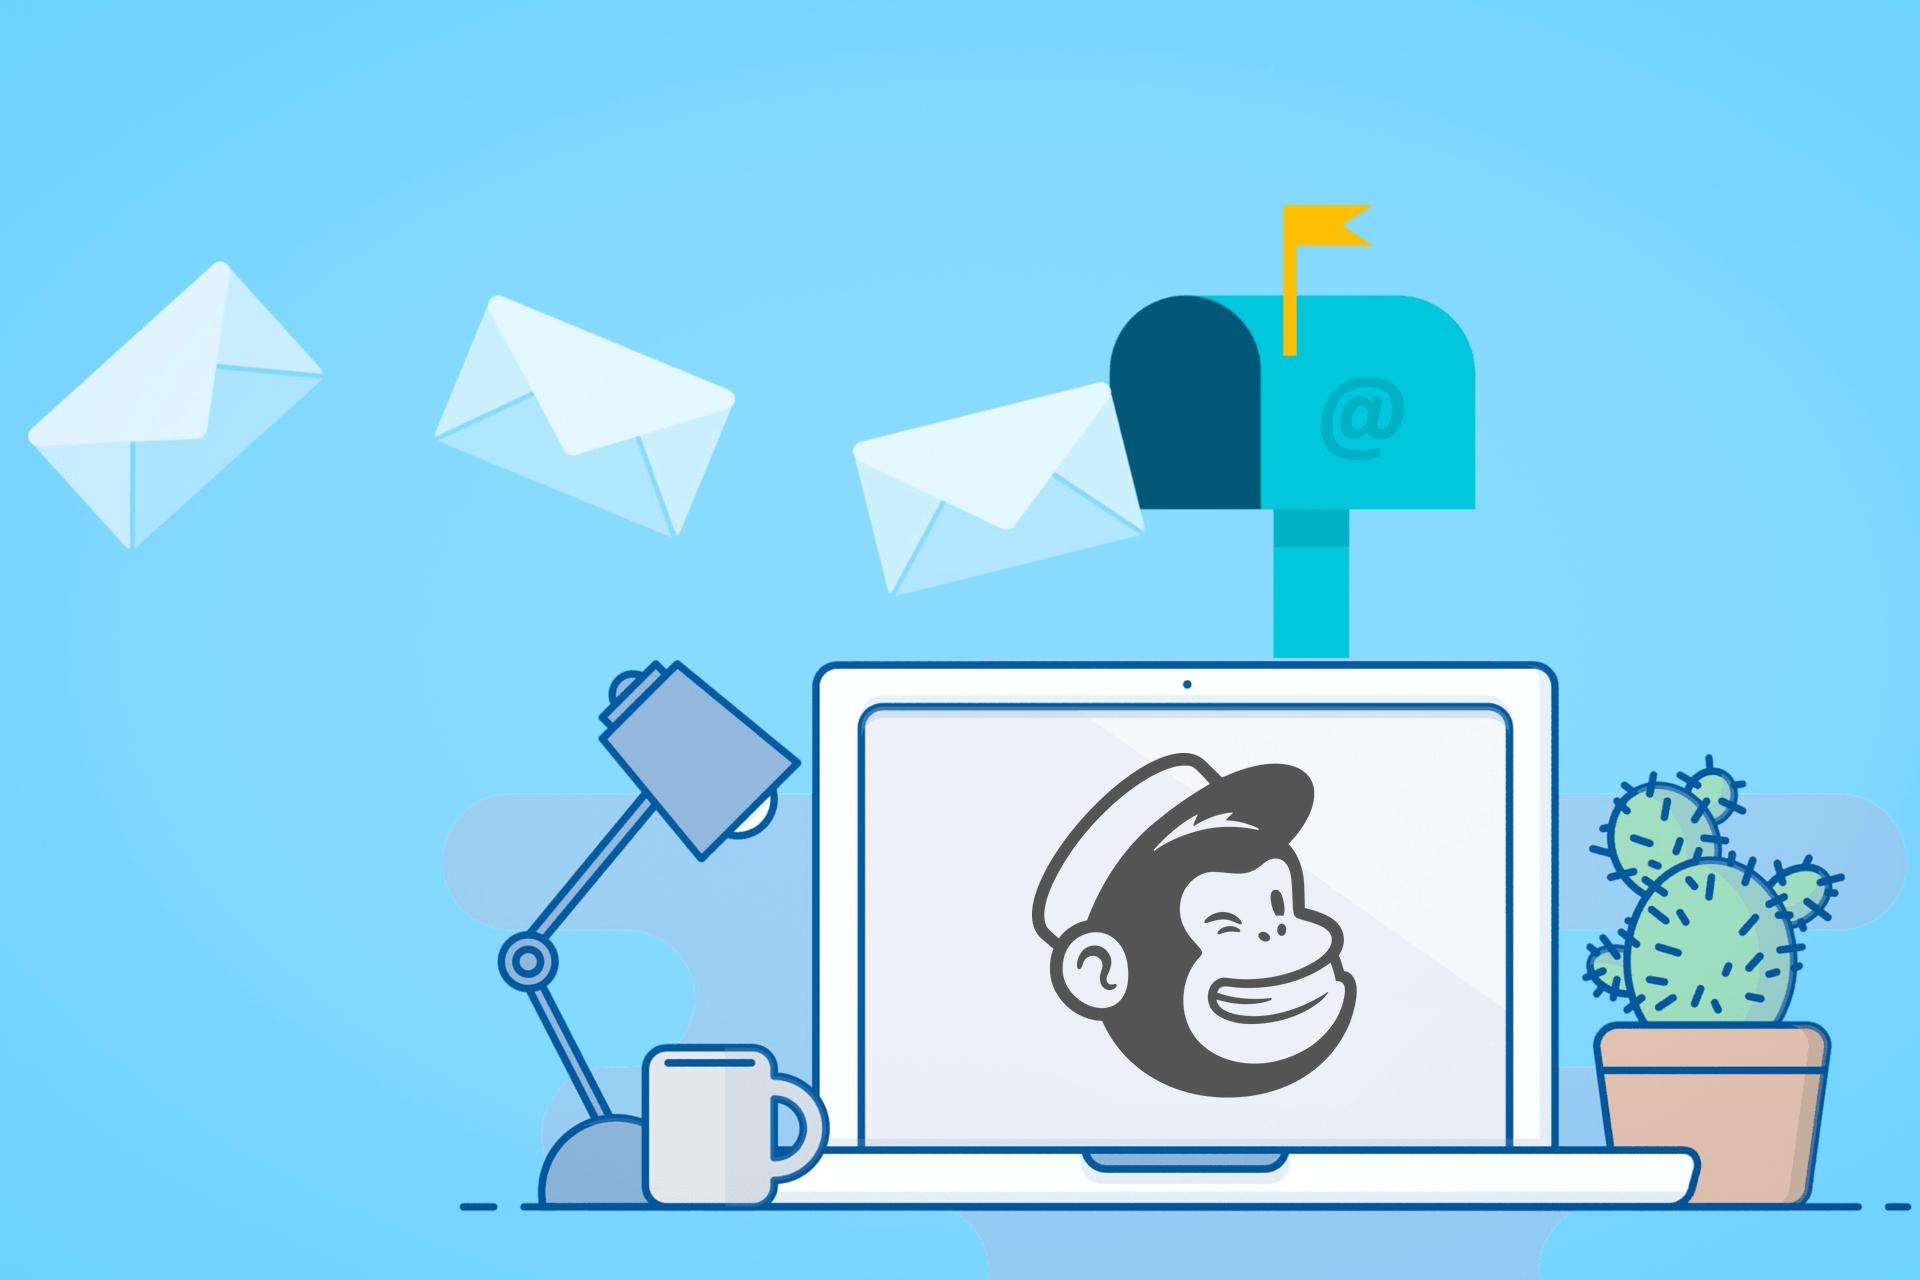 Ilustração de notebook com o logo do Mailchimp na tela e, acima, caixa de correio com cartas saindo/entrando.